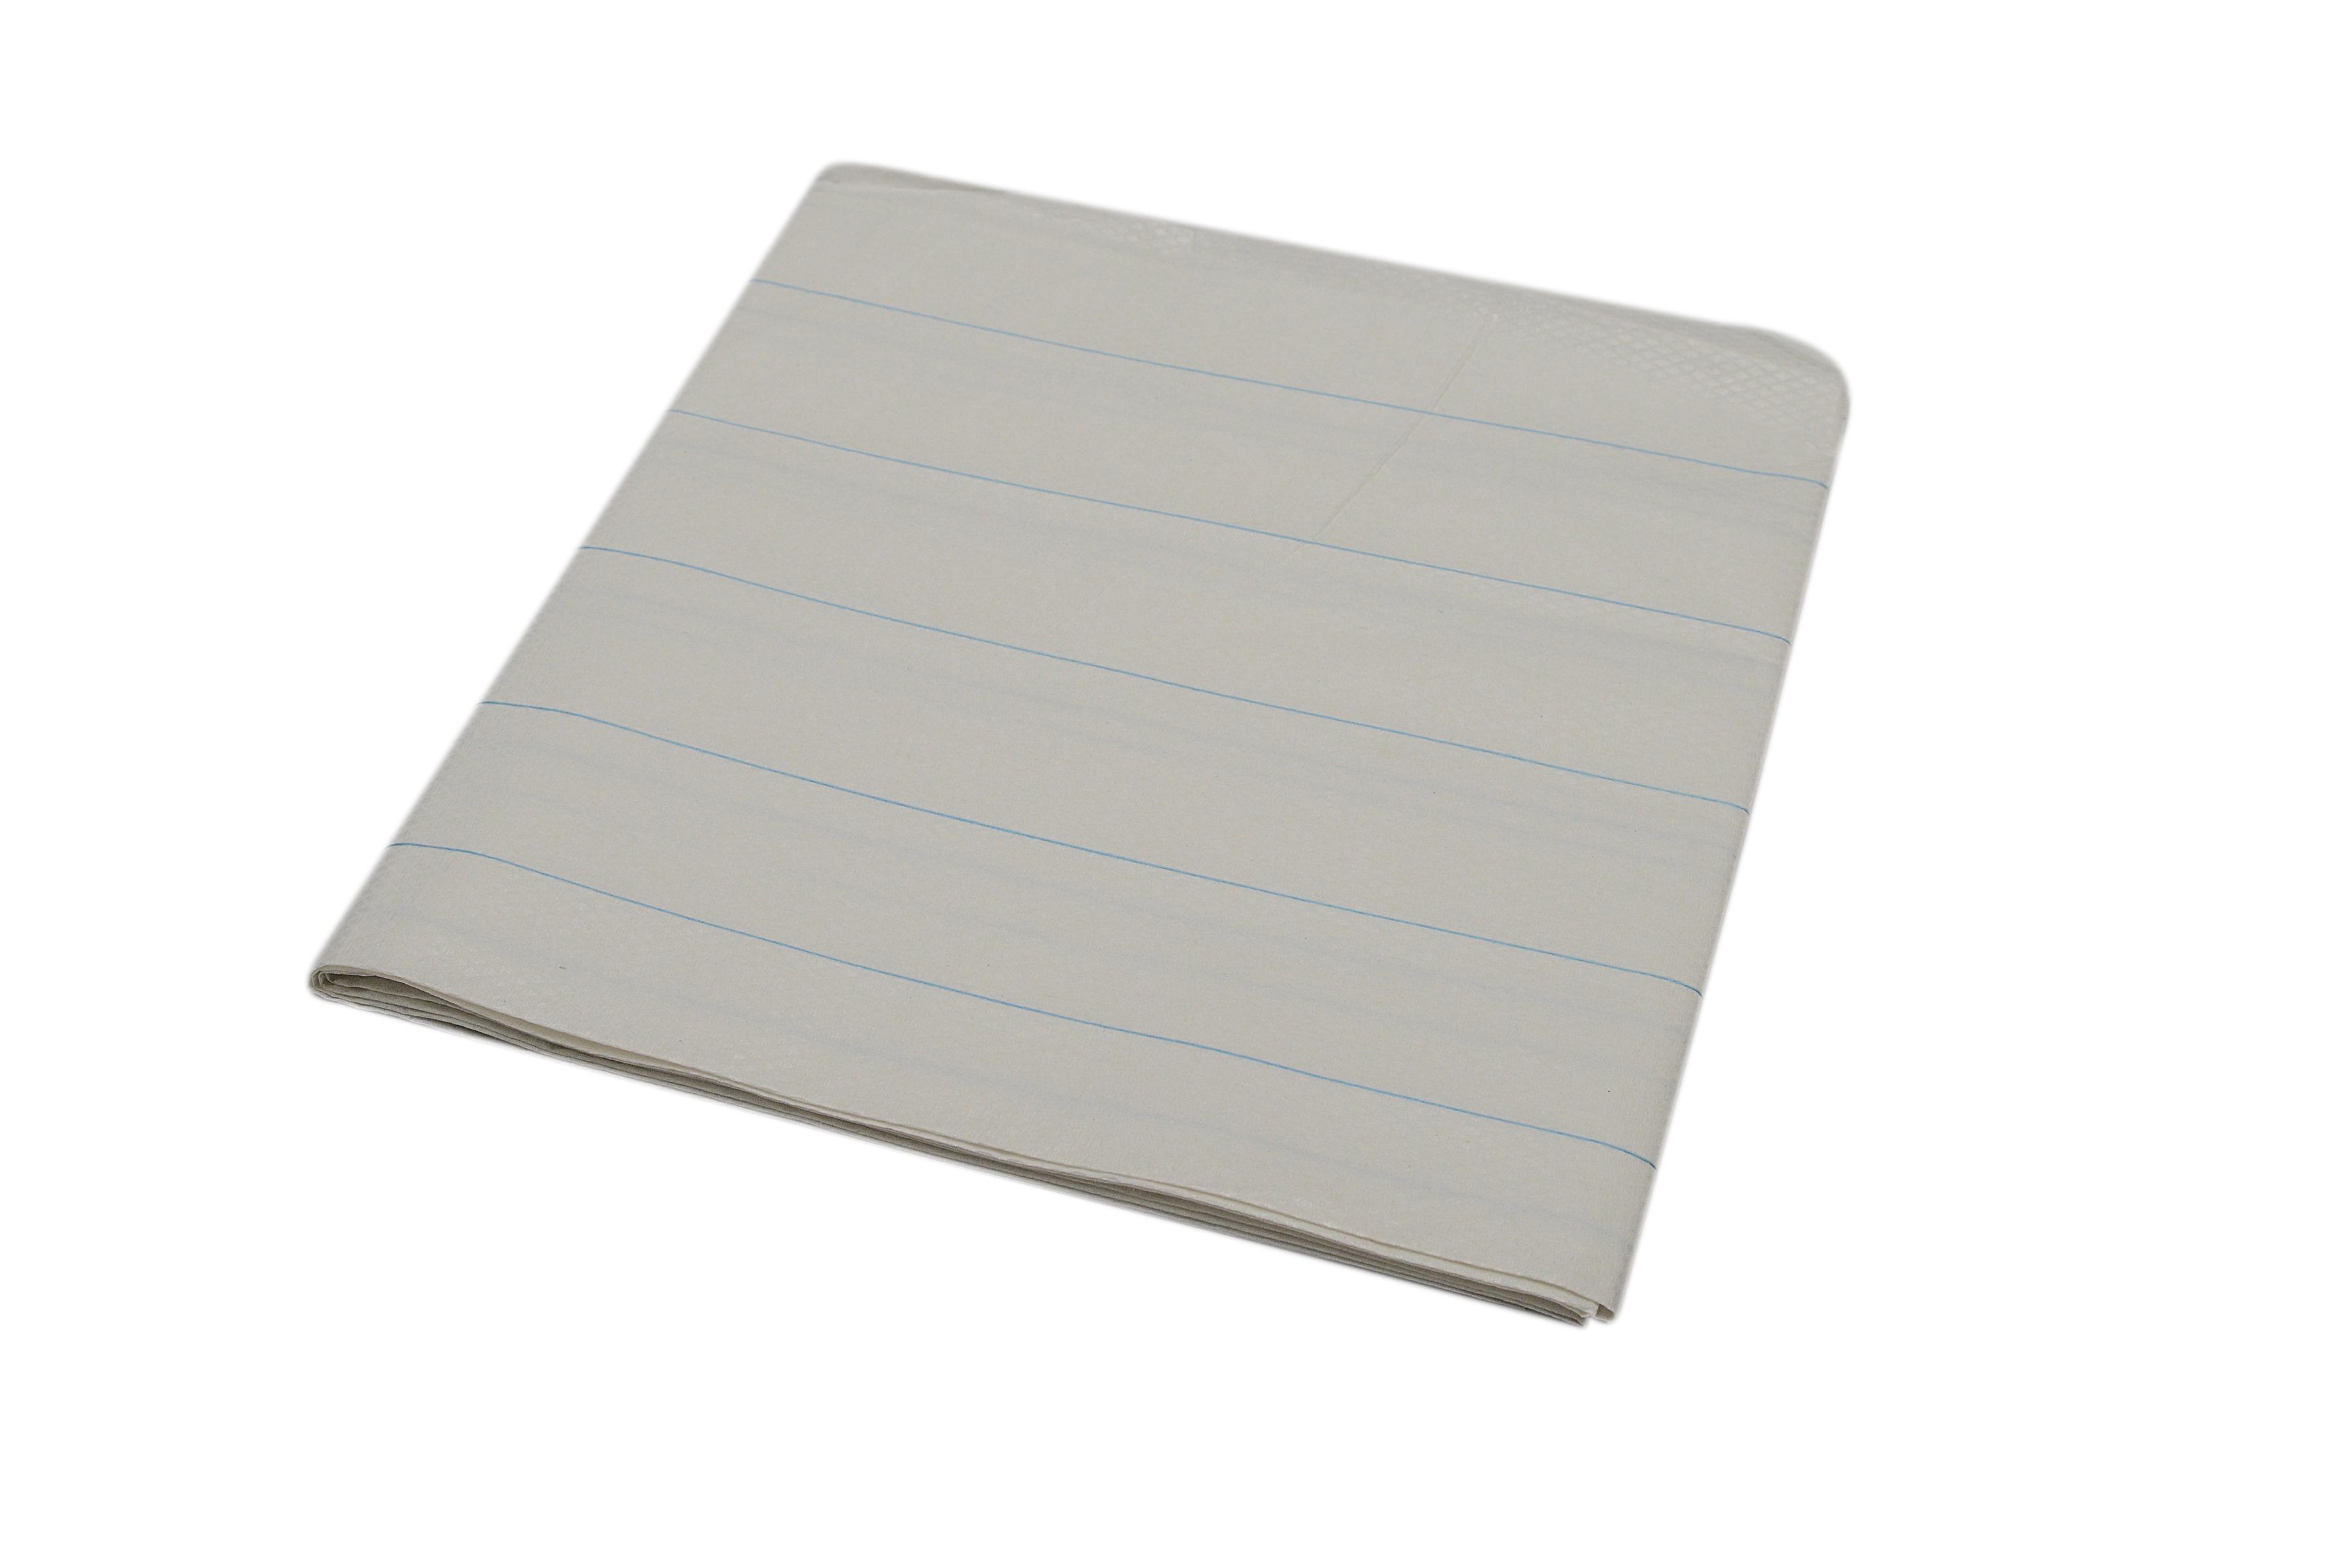 Einmallaken, weiß, 200 x 100 cm Karton à 100 Stück